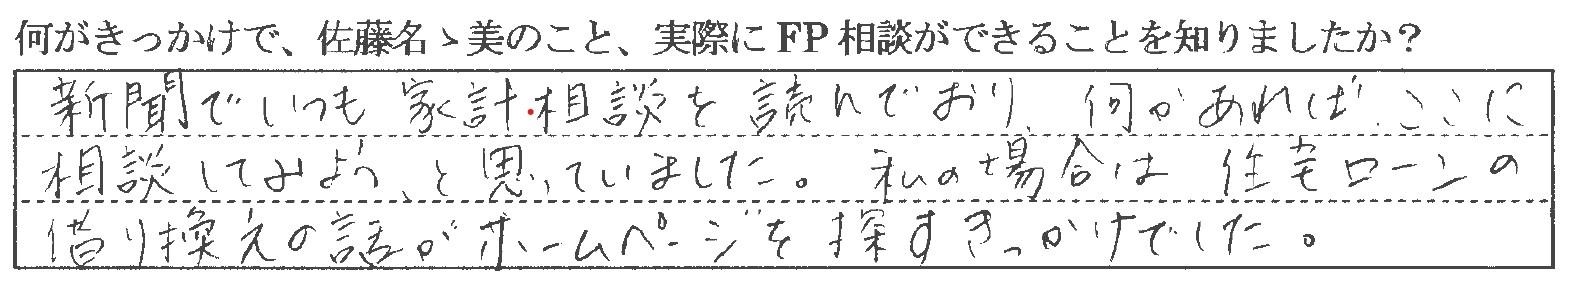 何がきっかけで、佐藤名ゝ美のこと、実際にFP相談ができることを知りましたか?